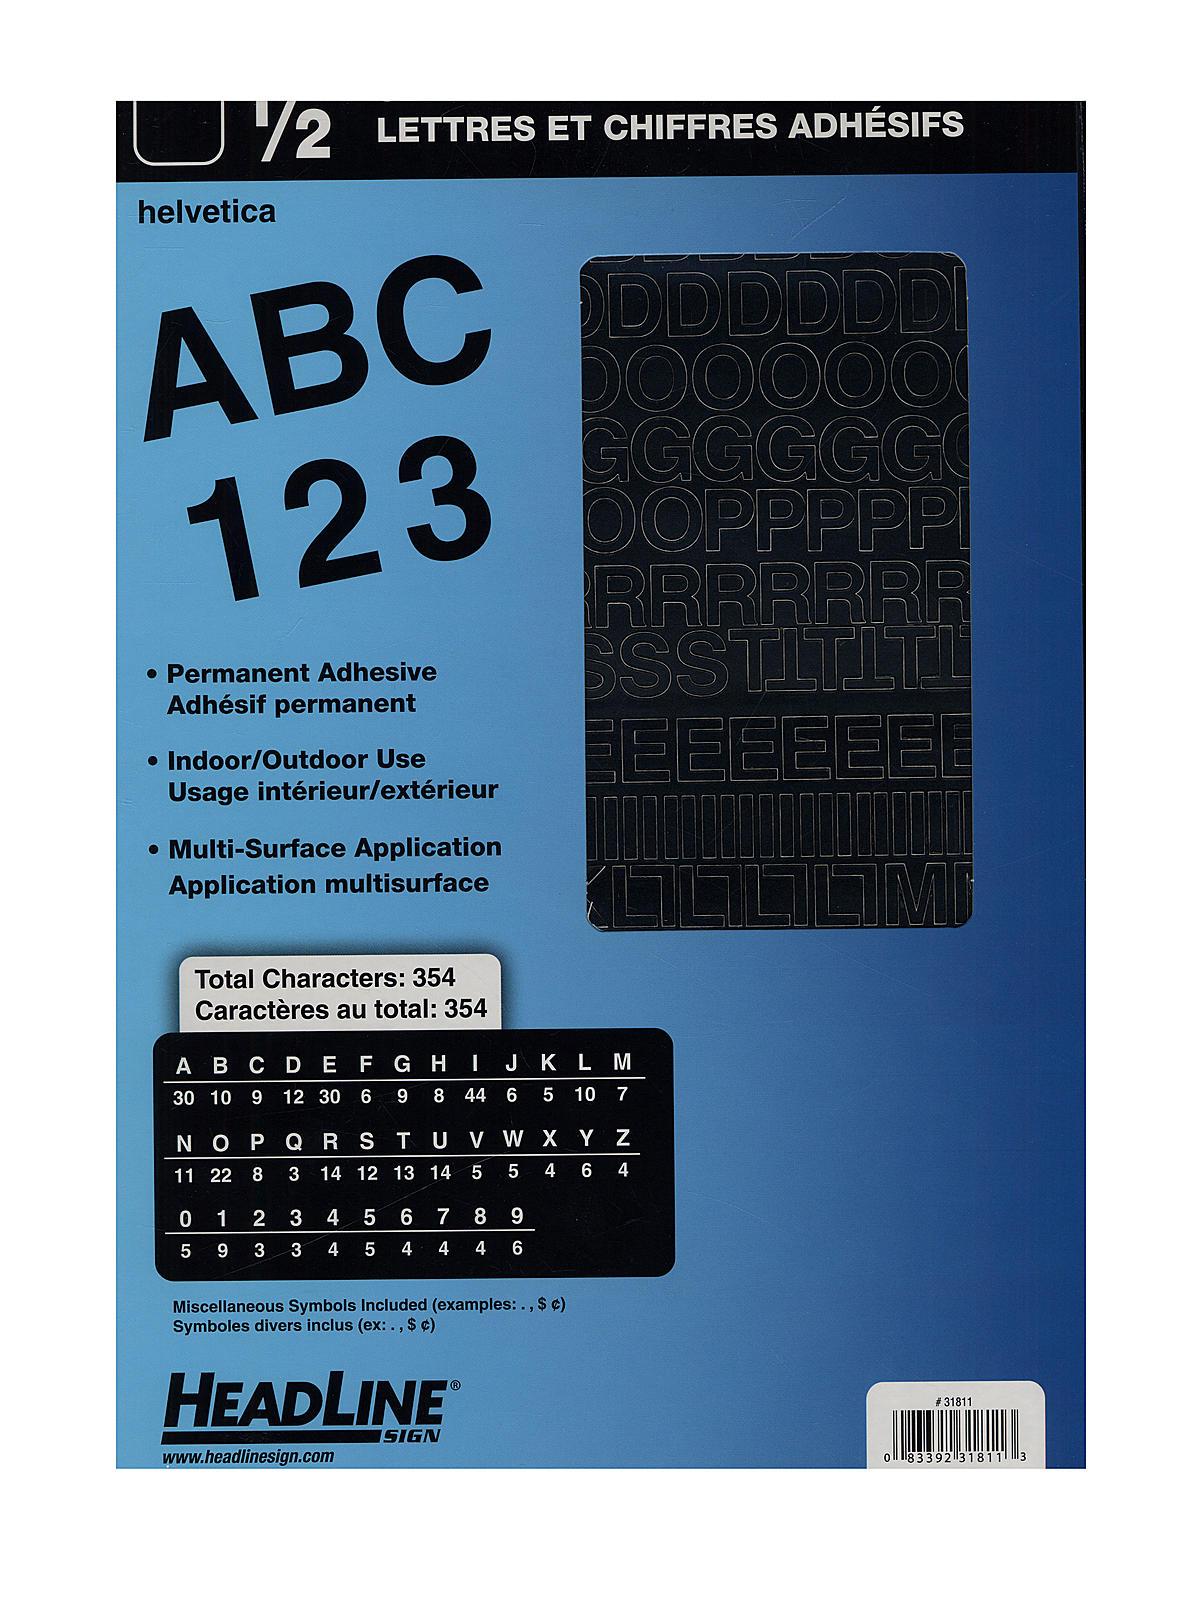 HeadLine Black Vinyl Stick On Letters or Numbers   MisterArt.com